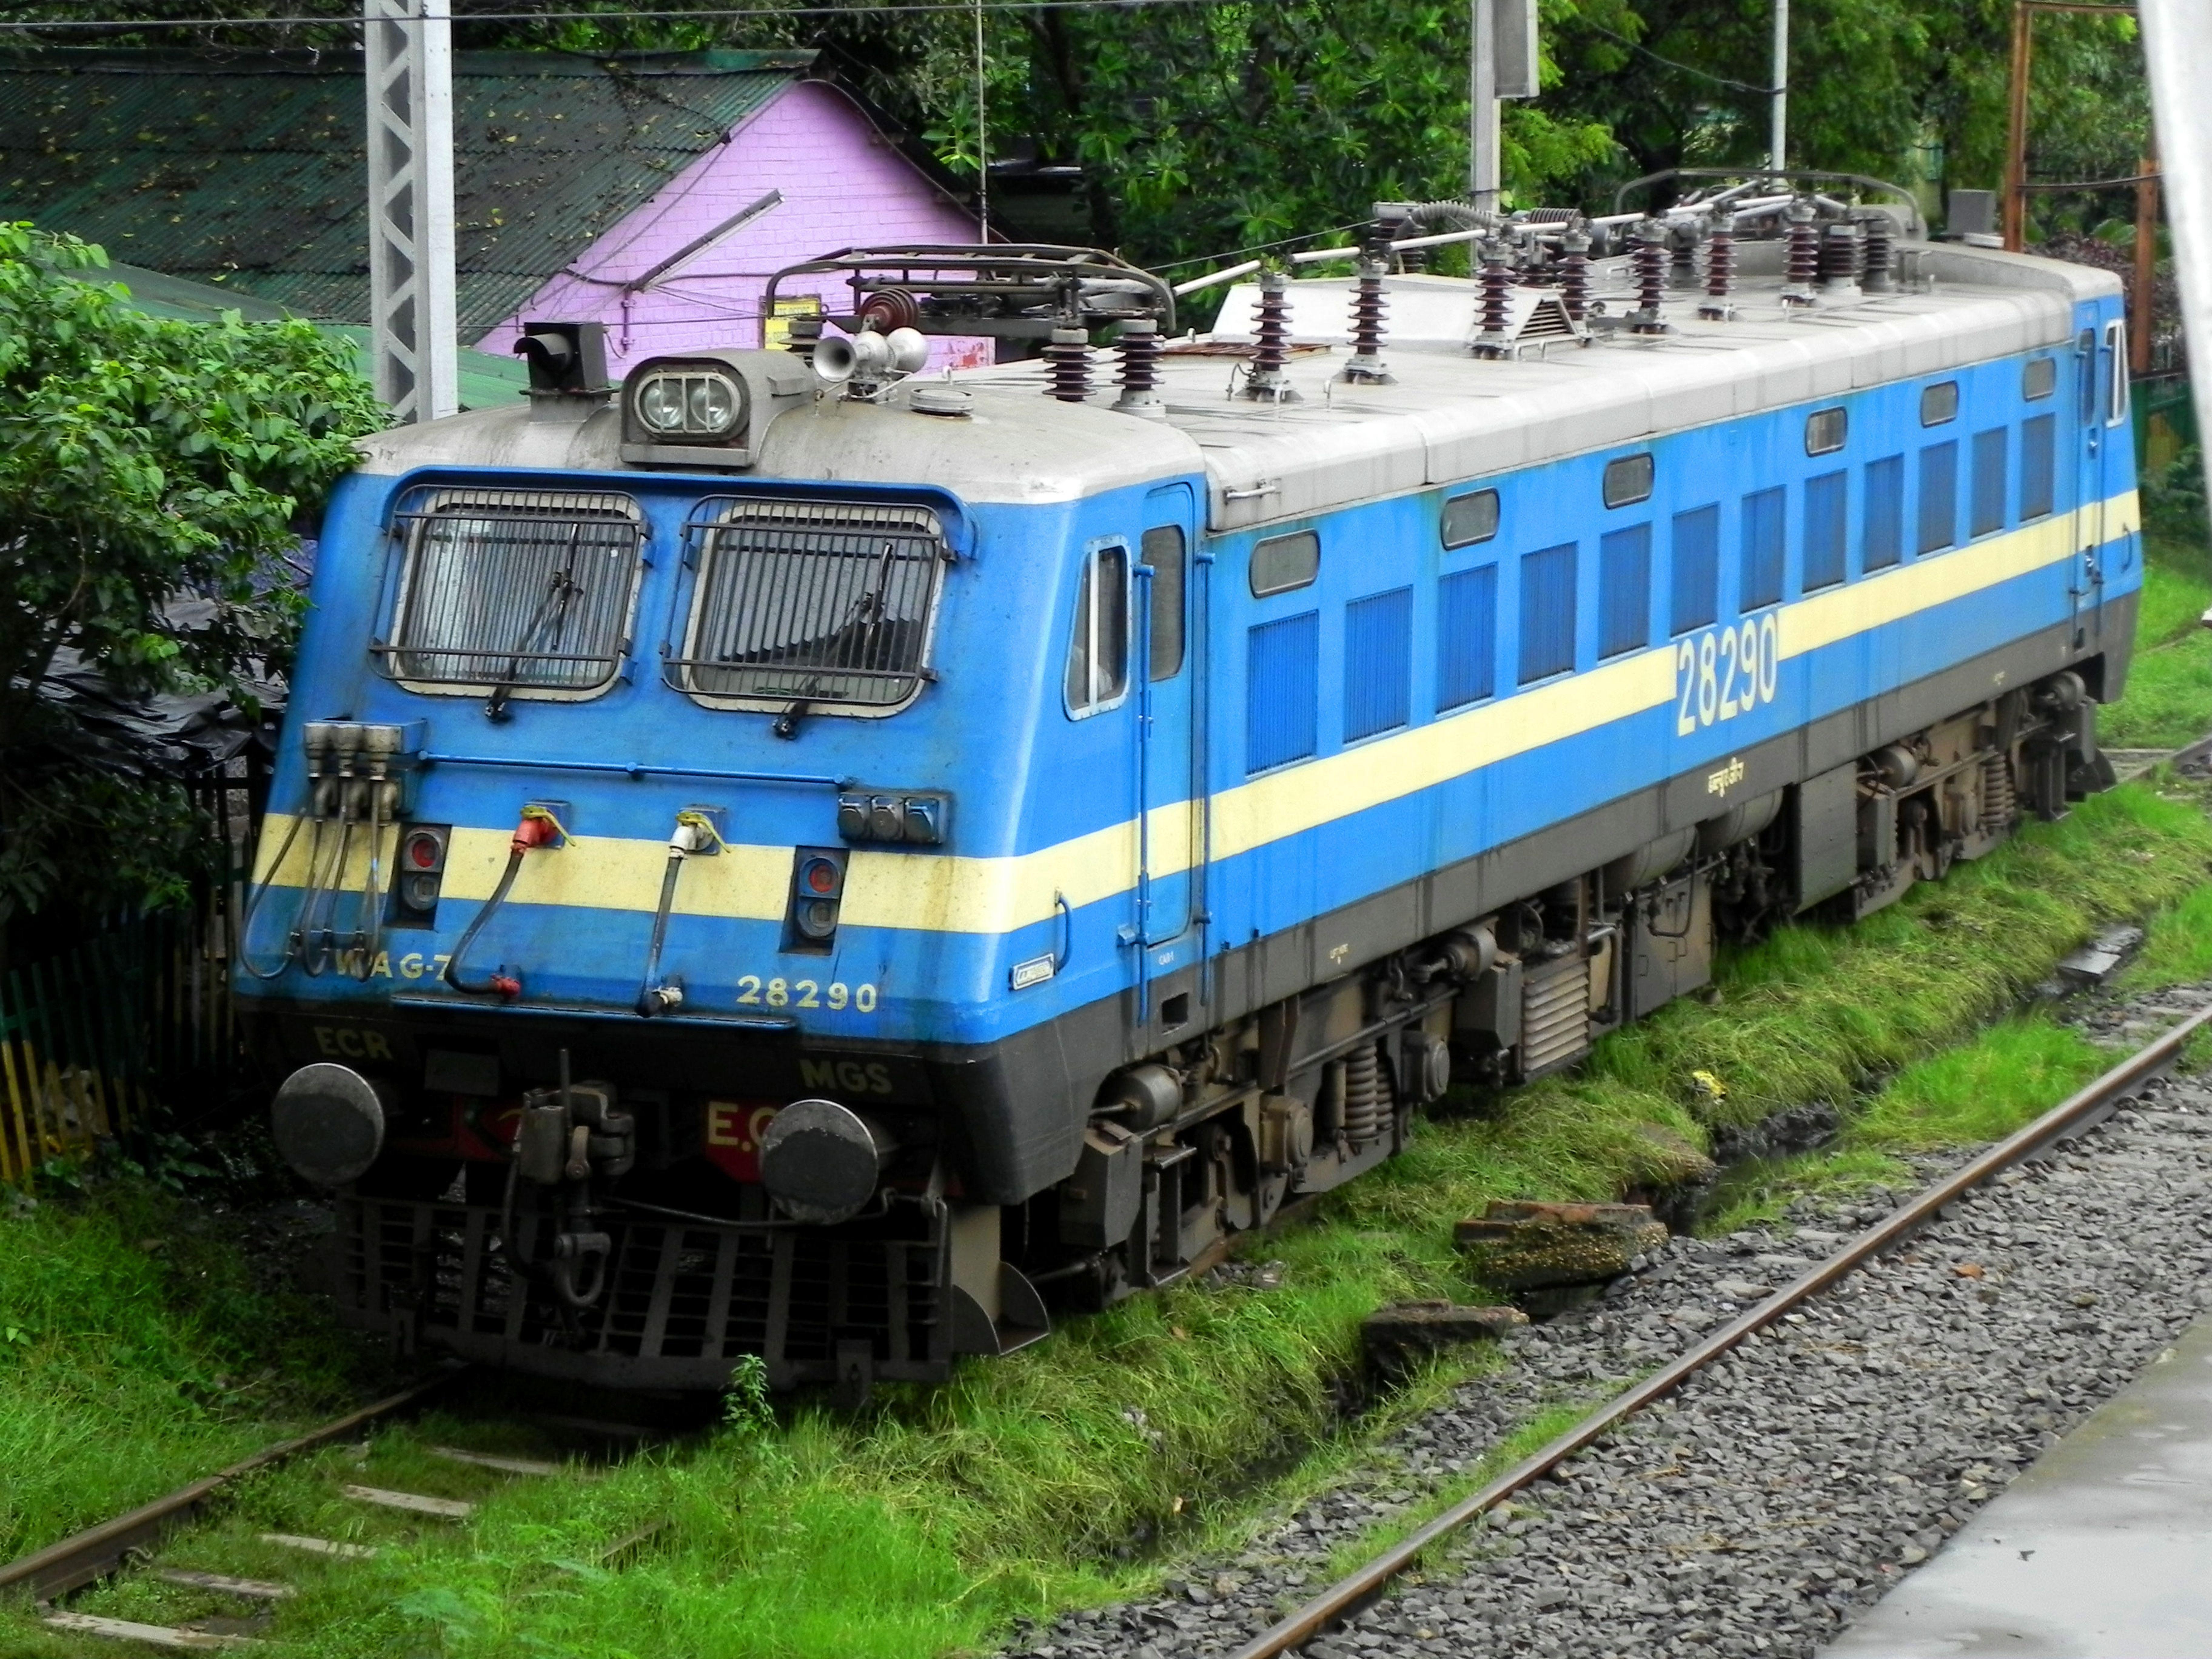 WAG7_locomotive_of_MGS_shed.jpg (7296×5472)